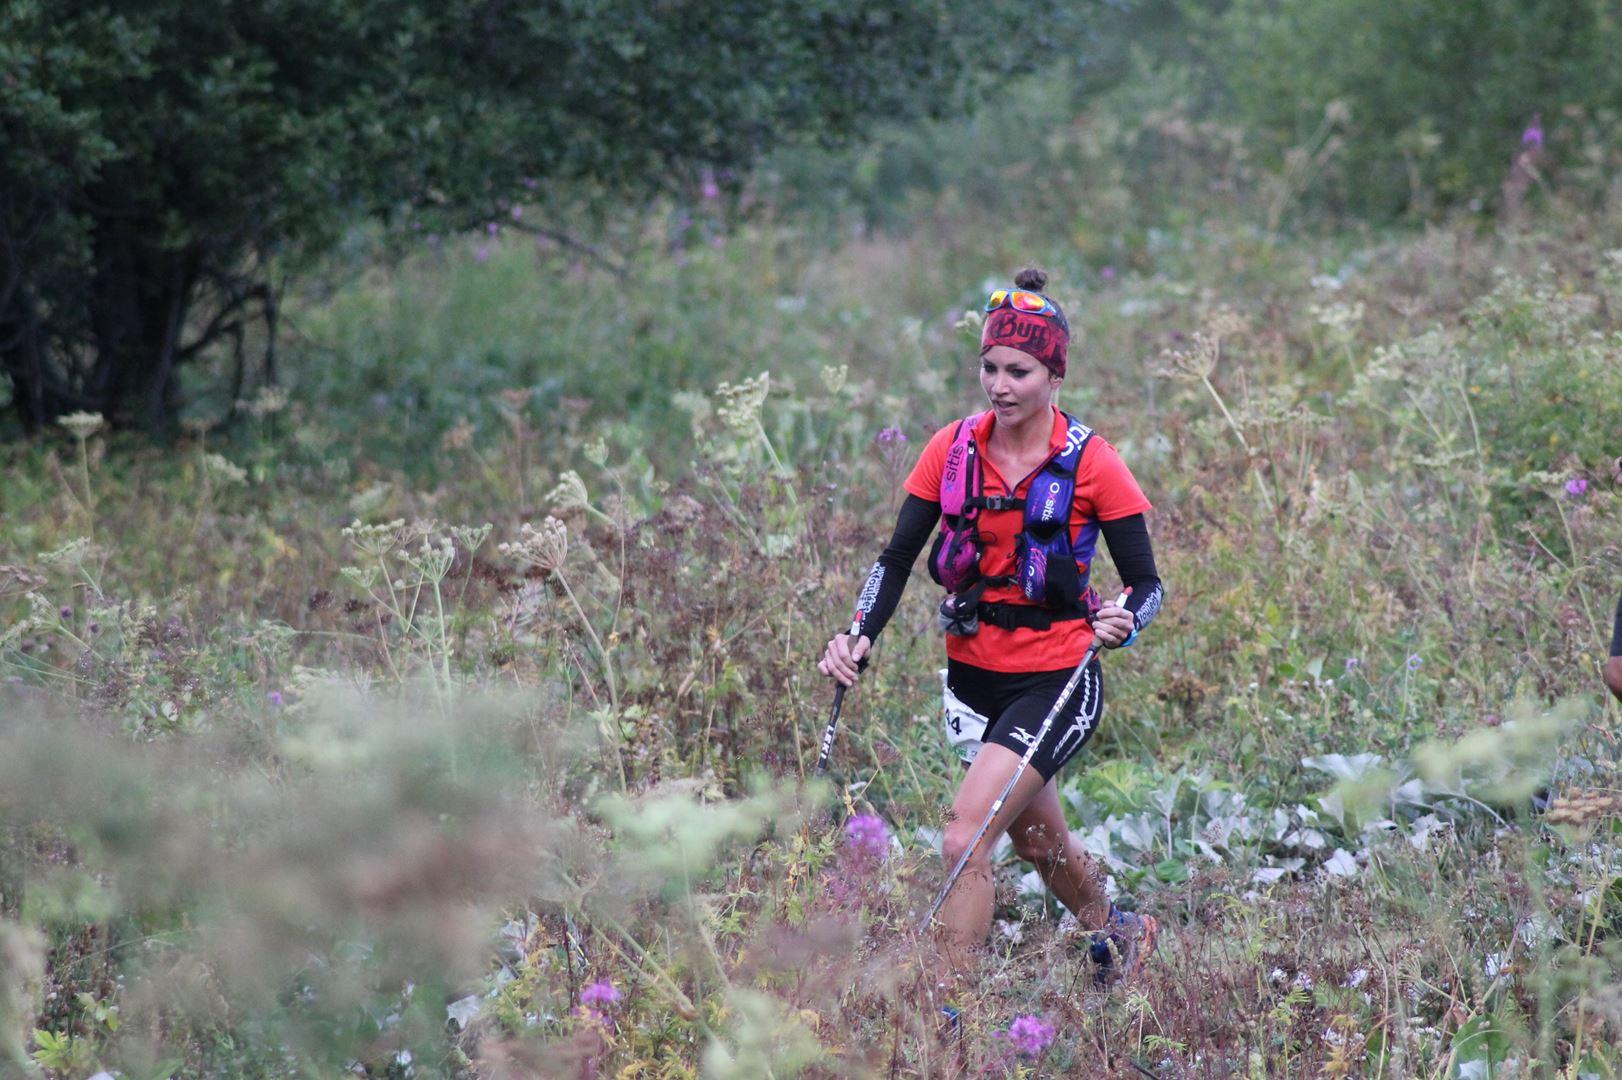 Lucie Bidault remporte le trail du Galibier - PORTRAIT DE LA TRAILEUSE LUCIE BIDAULT